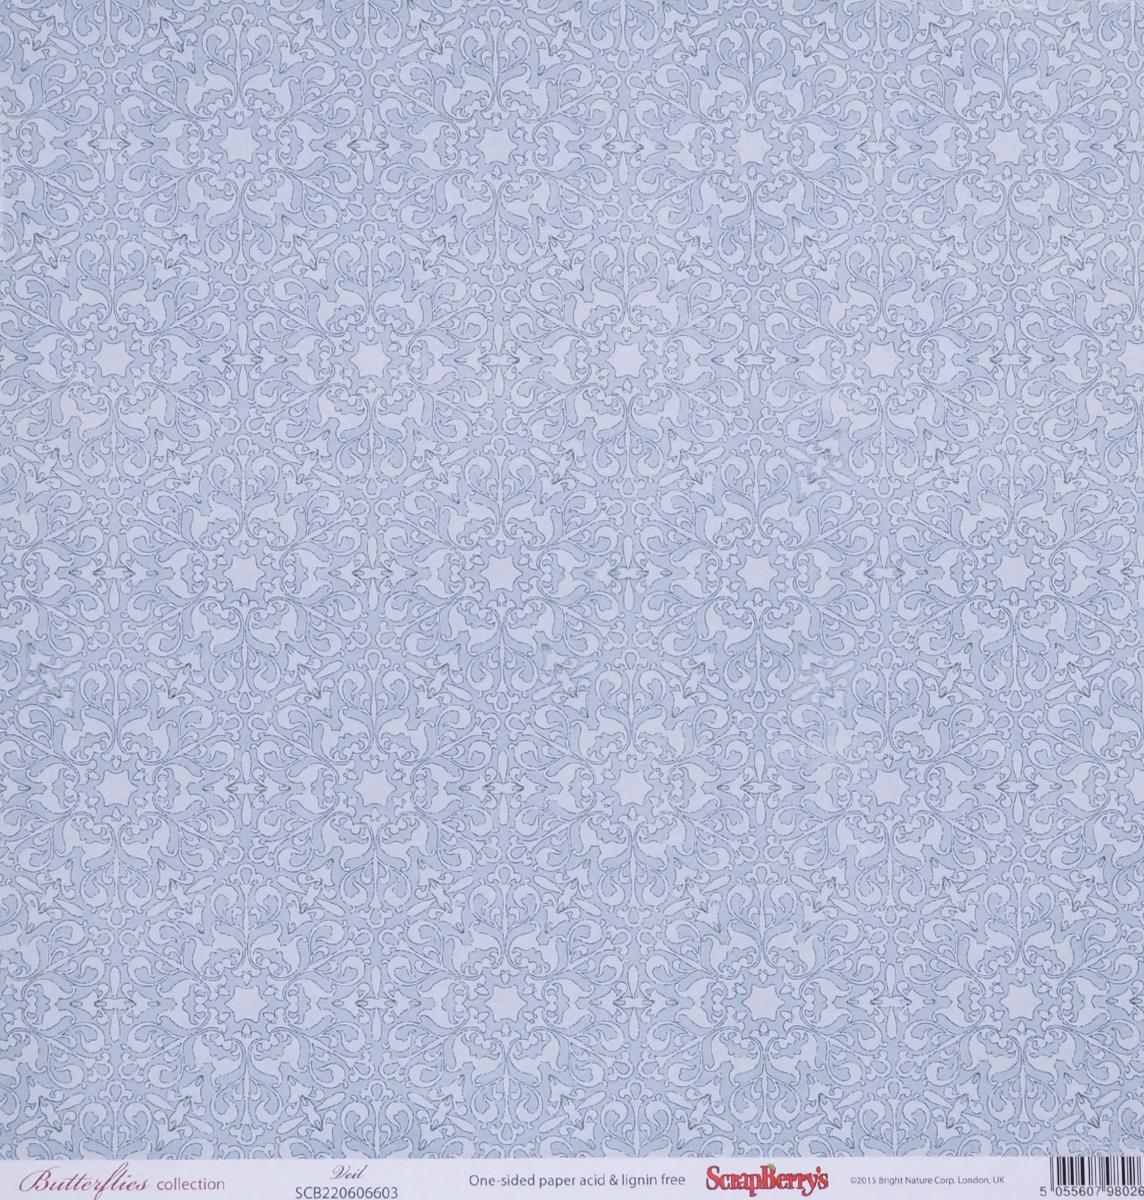 Бумага для скрапбукинга ScrapBerrys Бабочки. Вуаль, 30,5 х 30,5 см, 10 листовSCB220606603Бумага для скрапбукинга ScrapBerrys Бабочки. Вуаль позволит создать красивый альбом, фоторамку или открытку ручной работы, оформить подарок или аппликацию. Набор включает в себя 10 листов из плотной бумаги с односторонней печатью. Бумага не содержит кислоты и лигнина. Скрапбукинг - это хобби, которое способно приносить массу приятных эмоций не только человеку, который этим занимается, но и его близким, друзьям, родным. Это невероятно увлекательное занятие, которое поможет вам сохранить наиболее памятные и яркие моменты вашей жизни, а также интересно оформить интерьер дома. Размер листа: 30,5 х 30,5 см. Плотность бумаги: 190 г/м2.